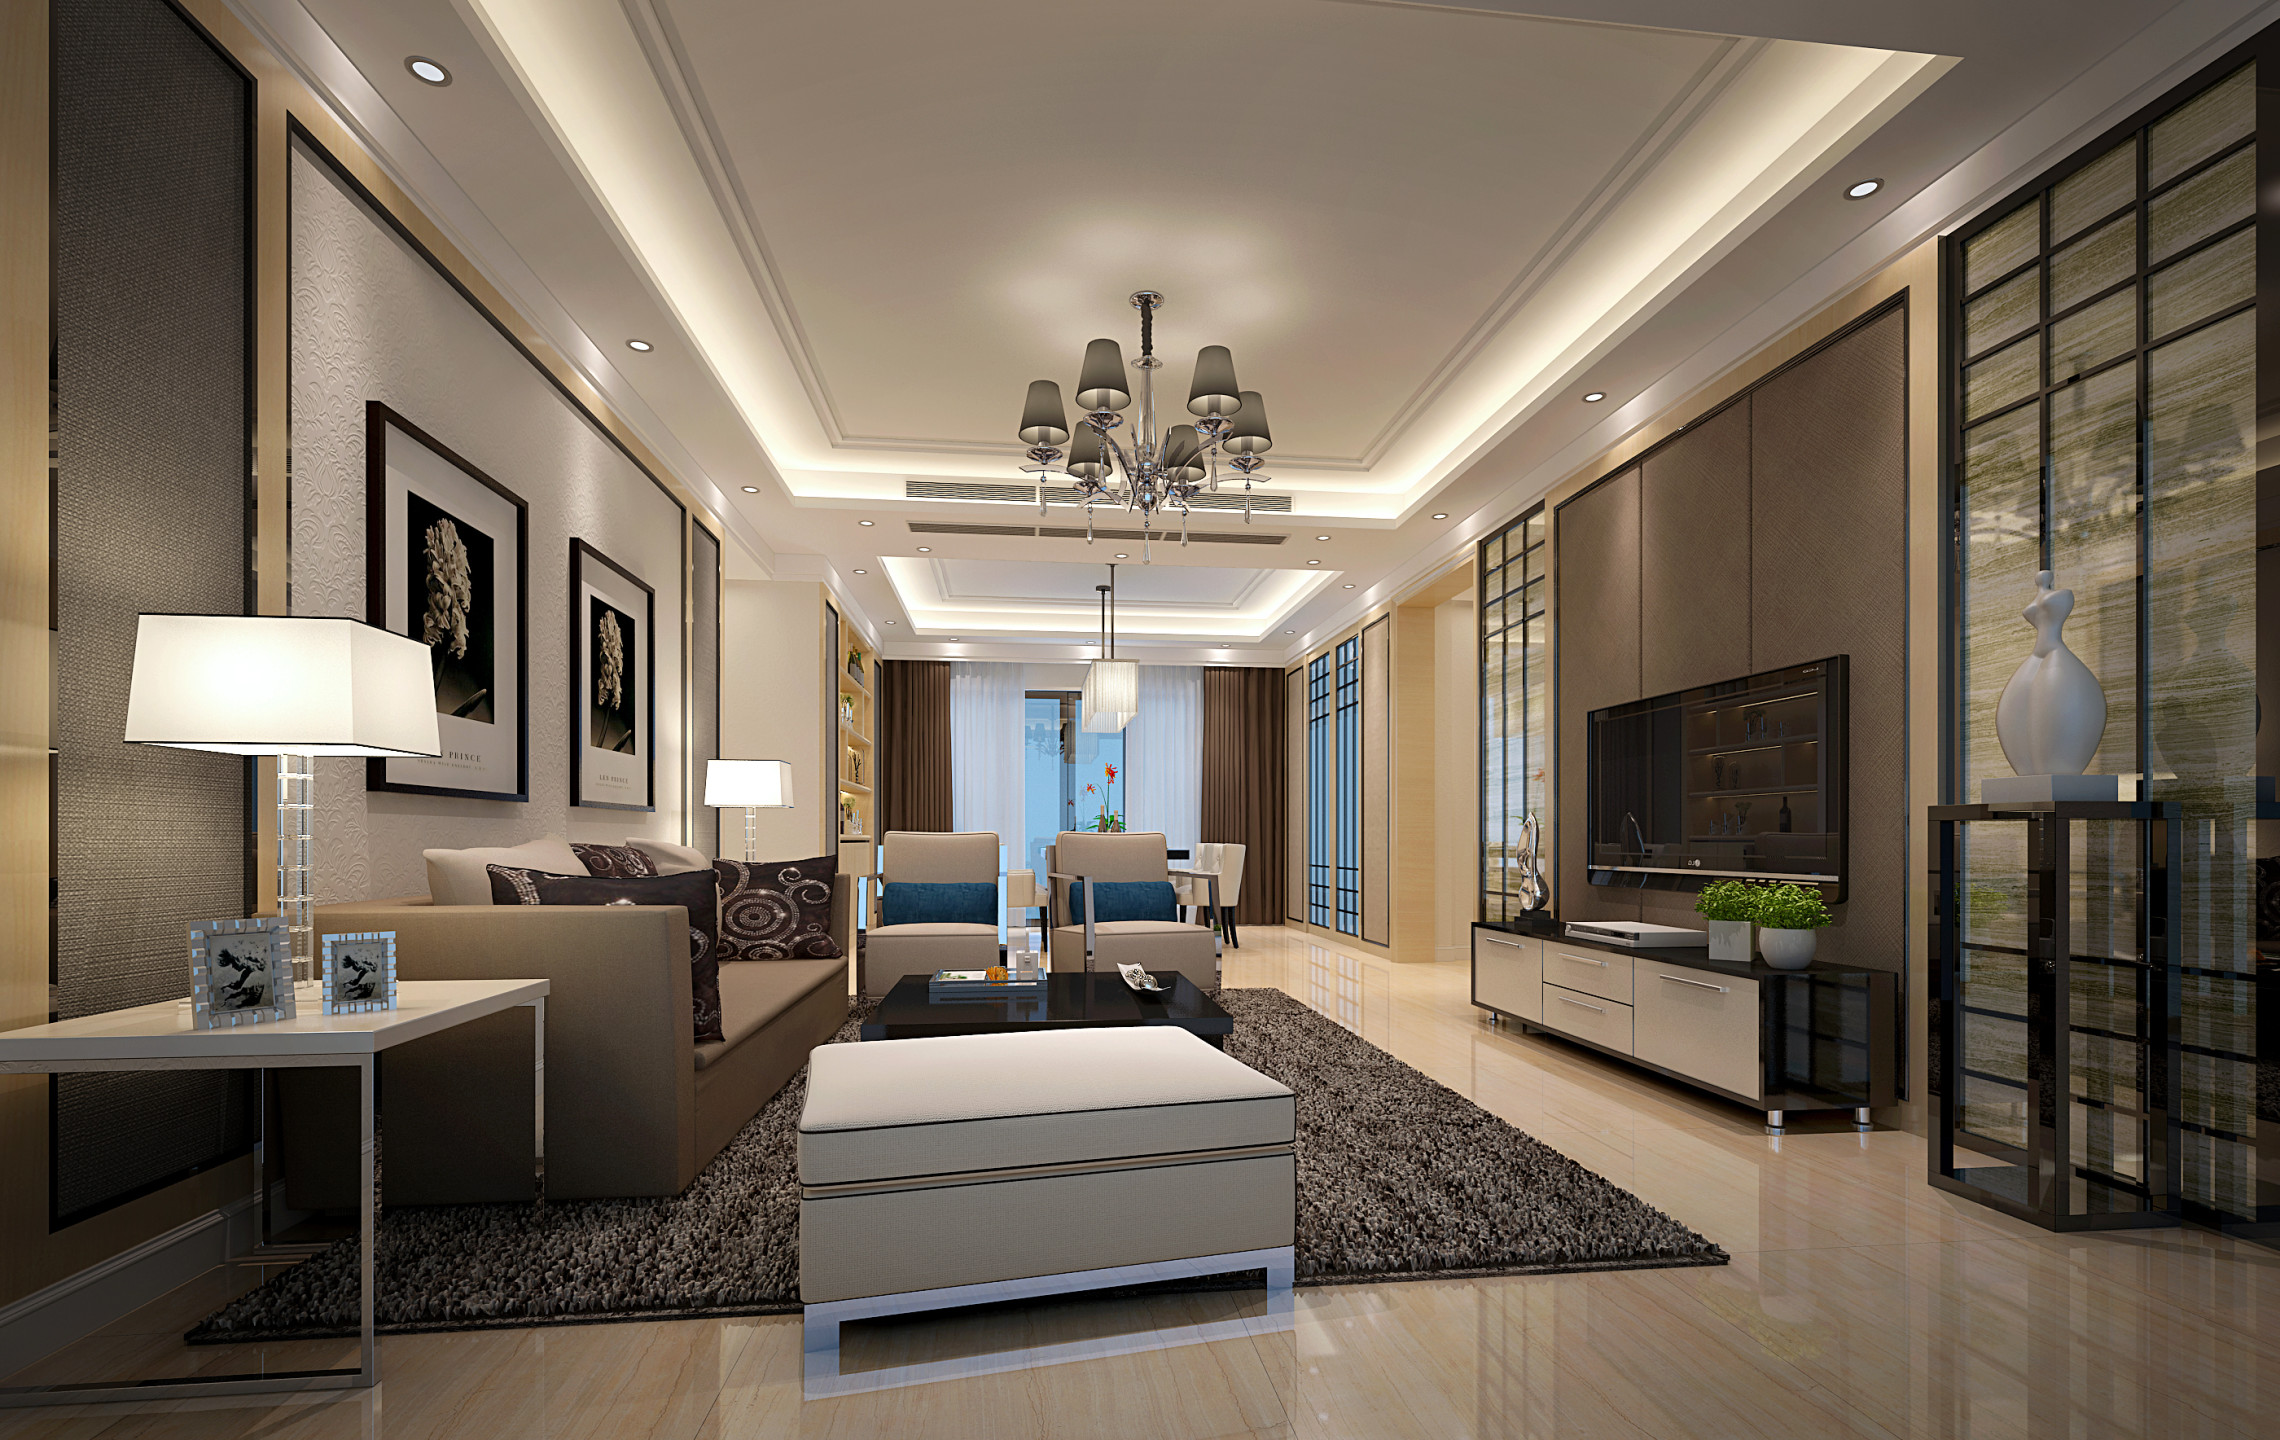 现代新中式风格室内设计装修设计新房装修别墅装修效果图制作